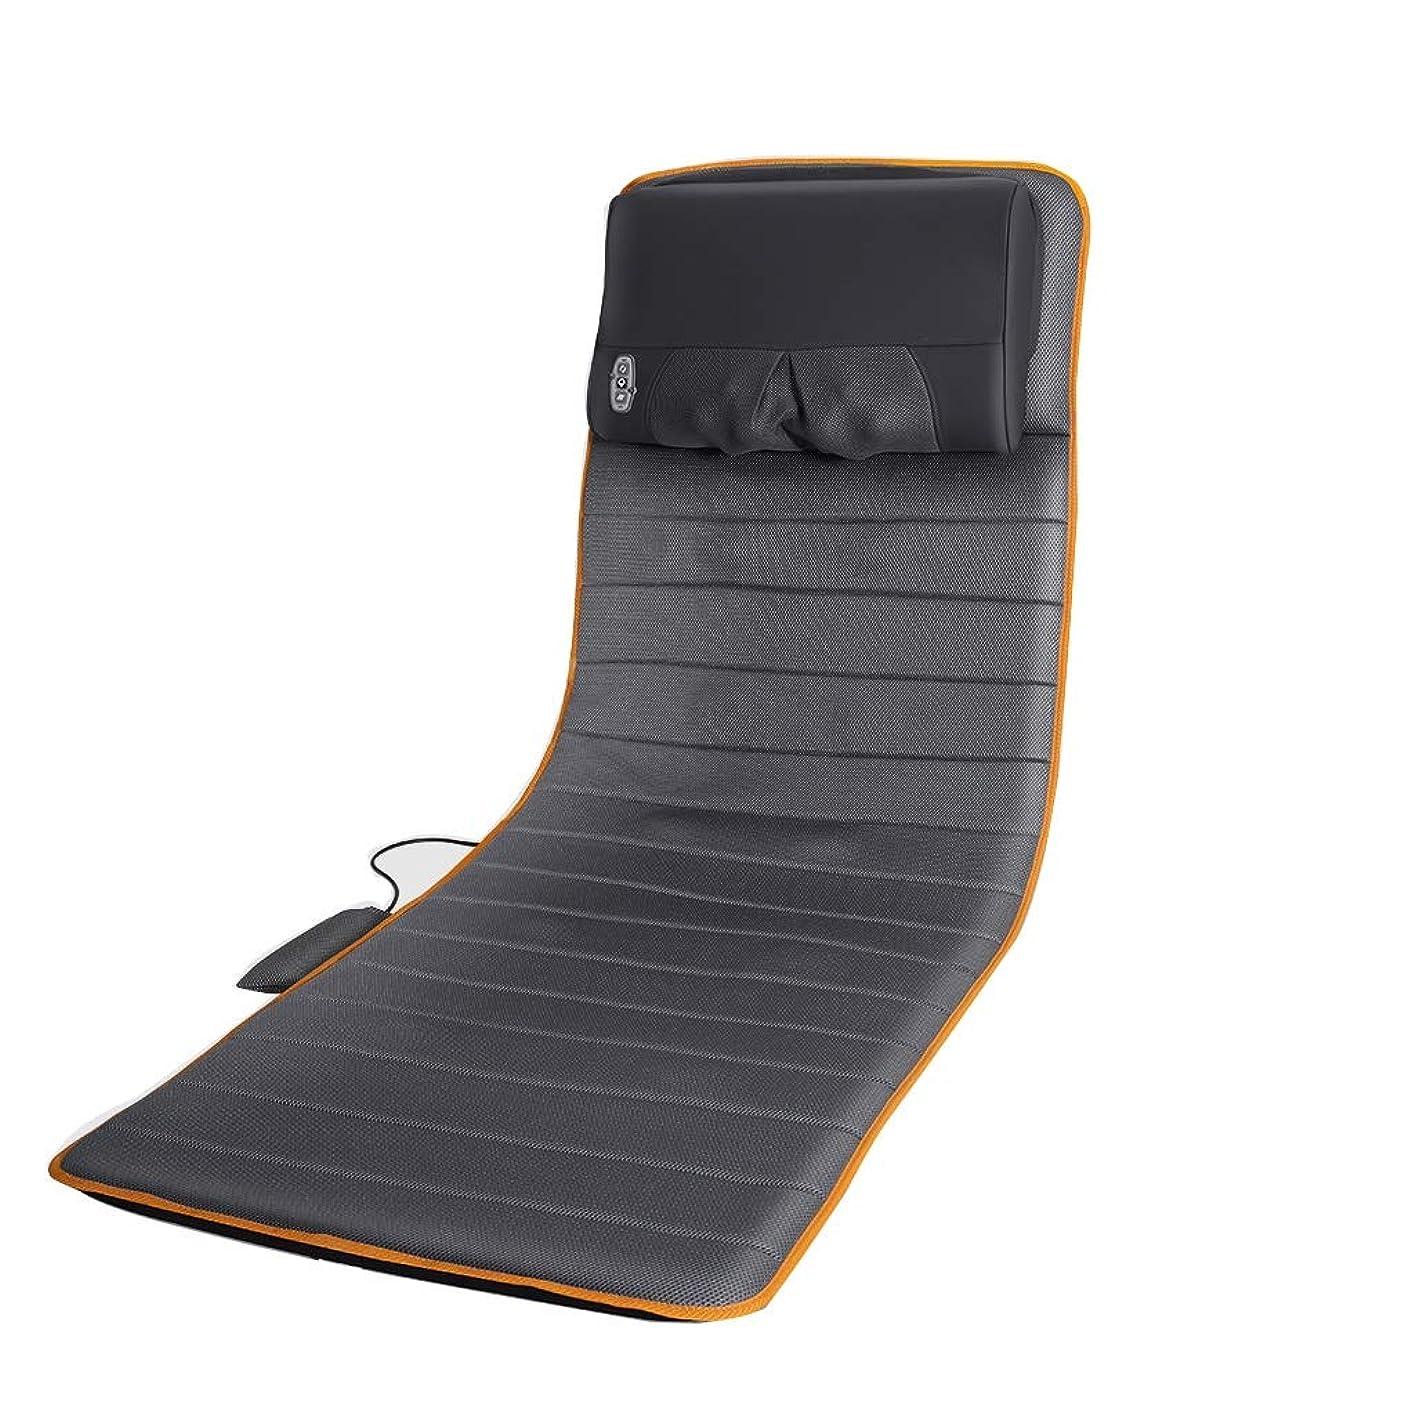 抜け目のないプレビュー櫛子宮頸マッサージャー多機能全身振動電動マットレス家庭用毛布マッサージマット+マッサージピロー+ウエストガスバッグ - 折り畳み式